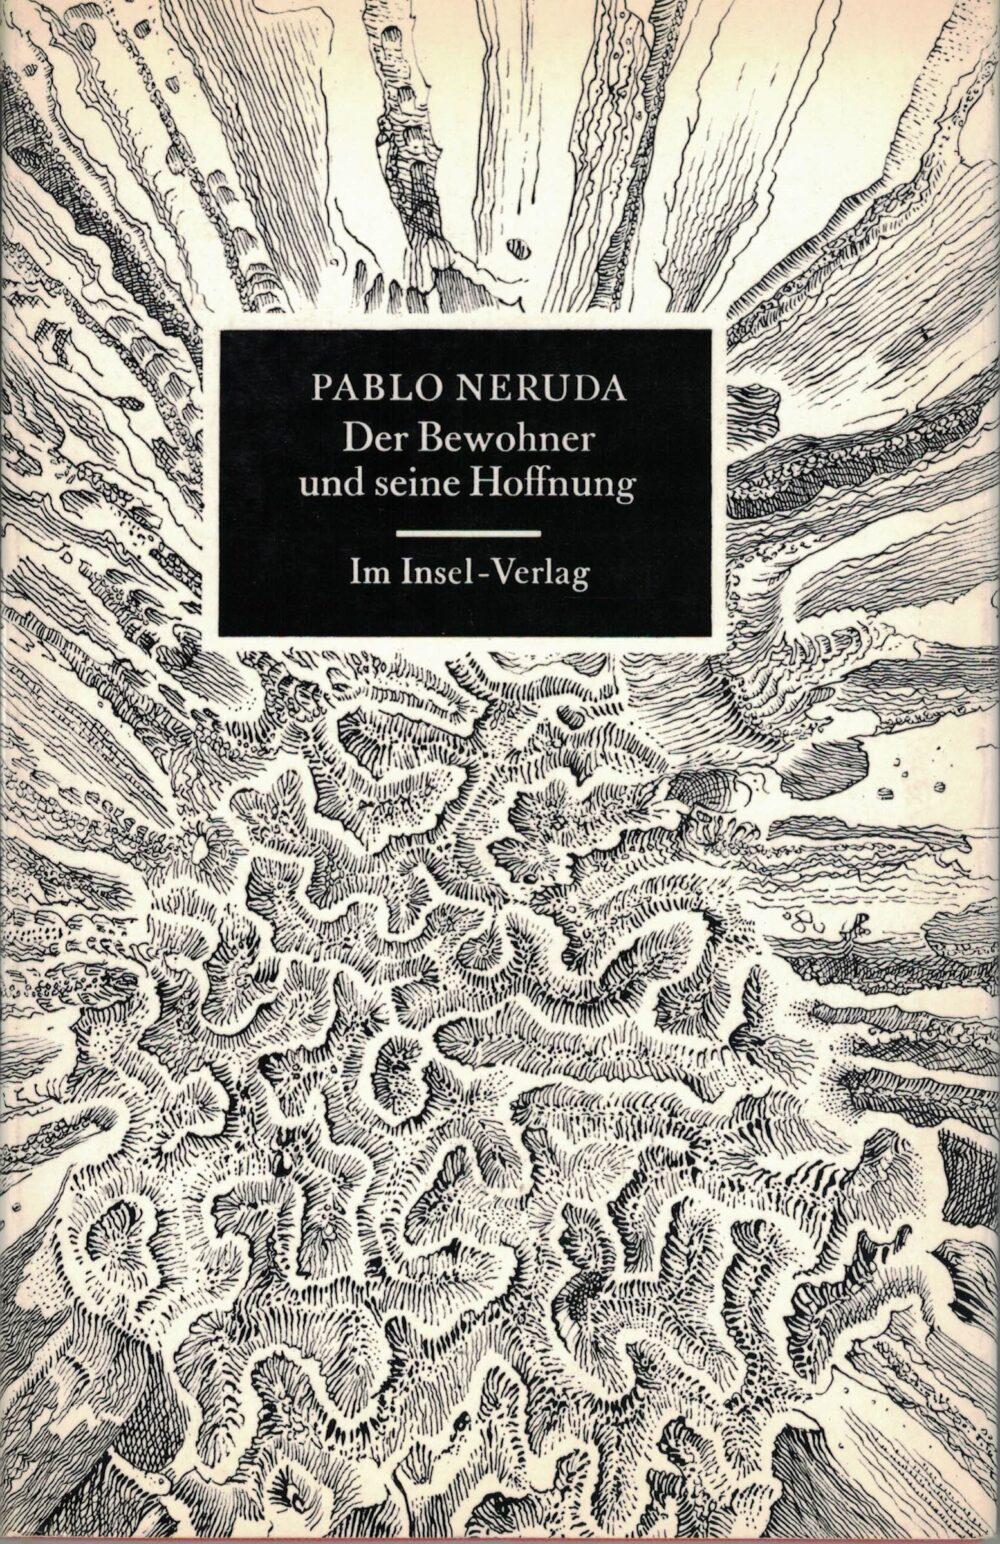 Pablo Neruda - Der Bewohner und seine Hoffnung - Eine Novelle